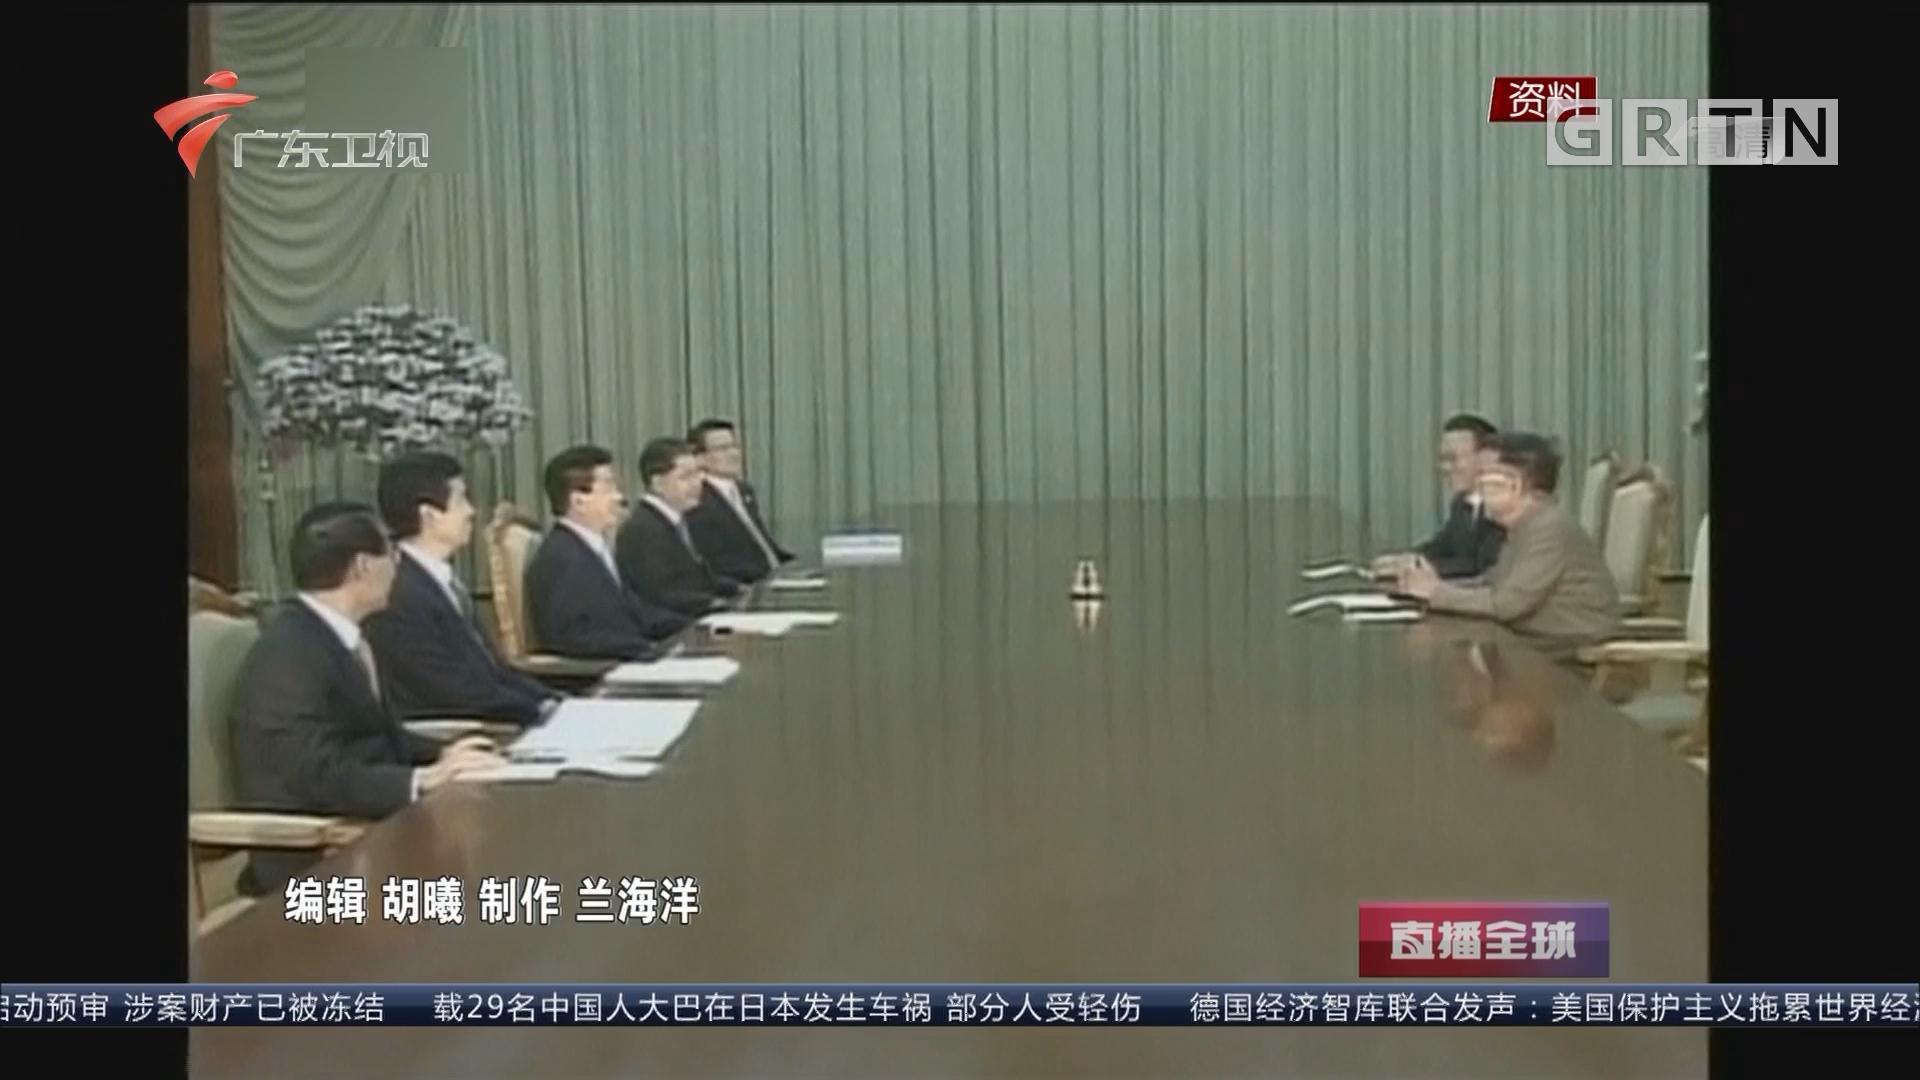 朝韩首脑会晤历史回顾 第一次:金大中与金正日在平壤会面